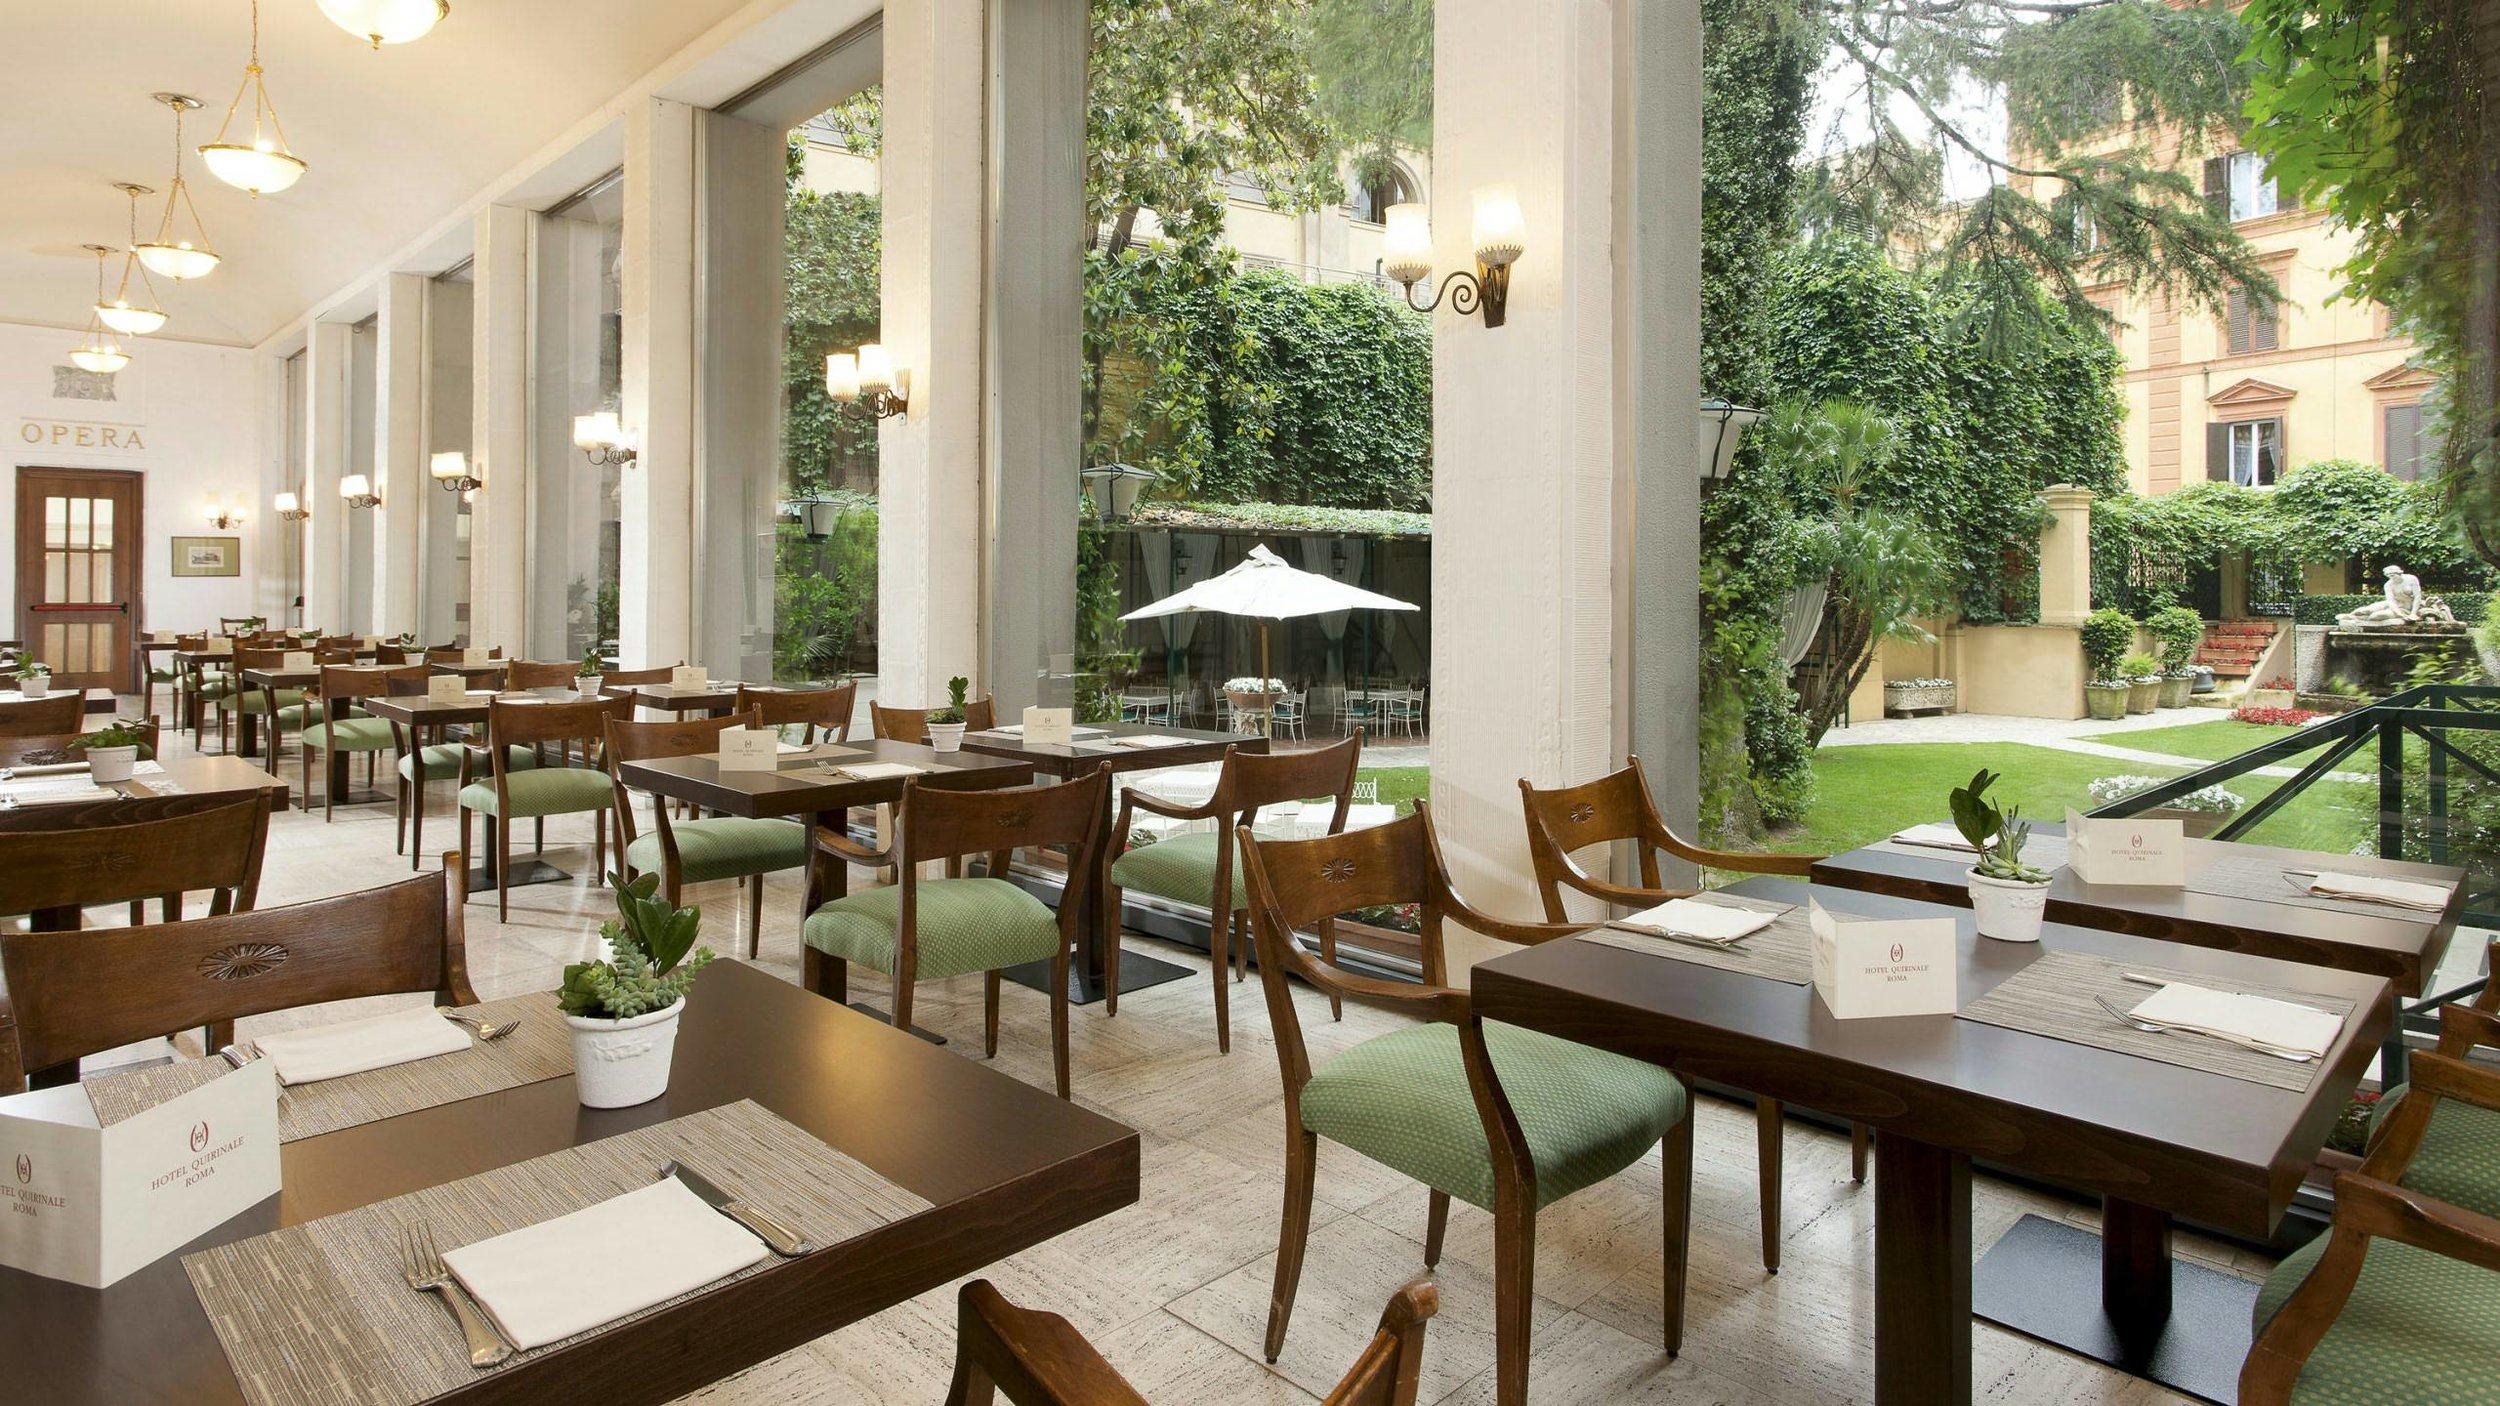 Hotel-Quirinale-Roma-galleria-2-53.jpg